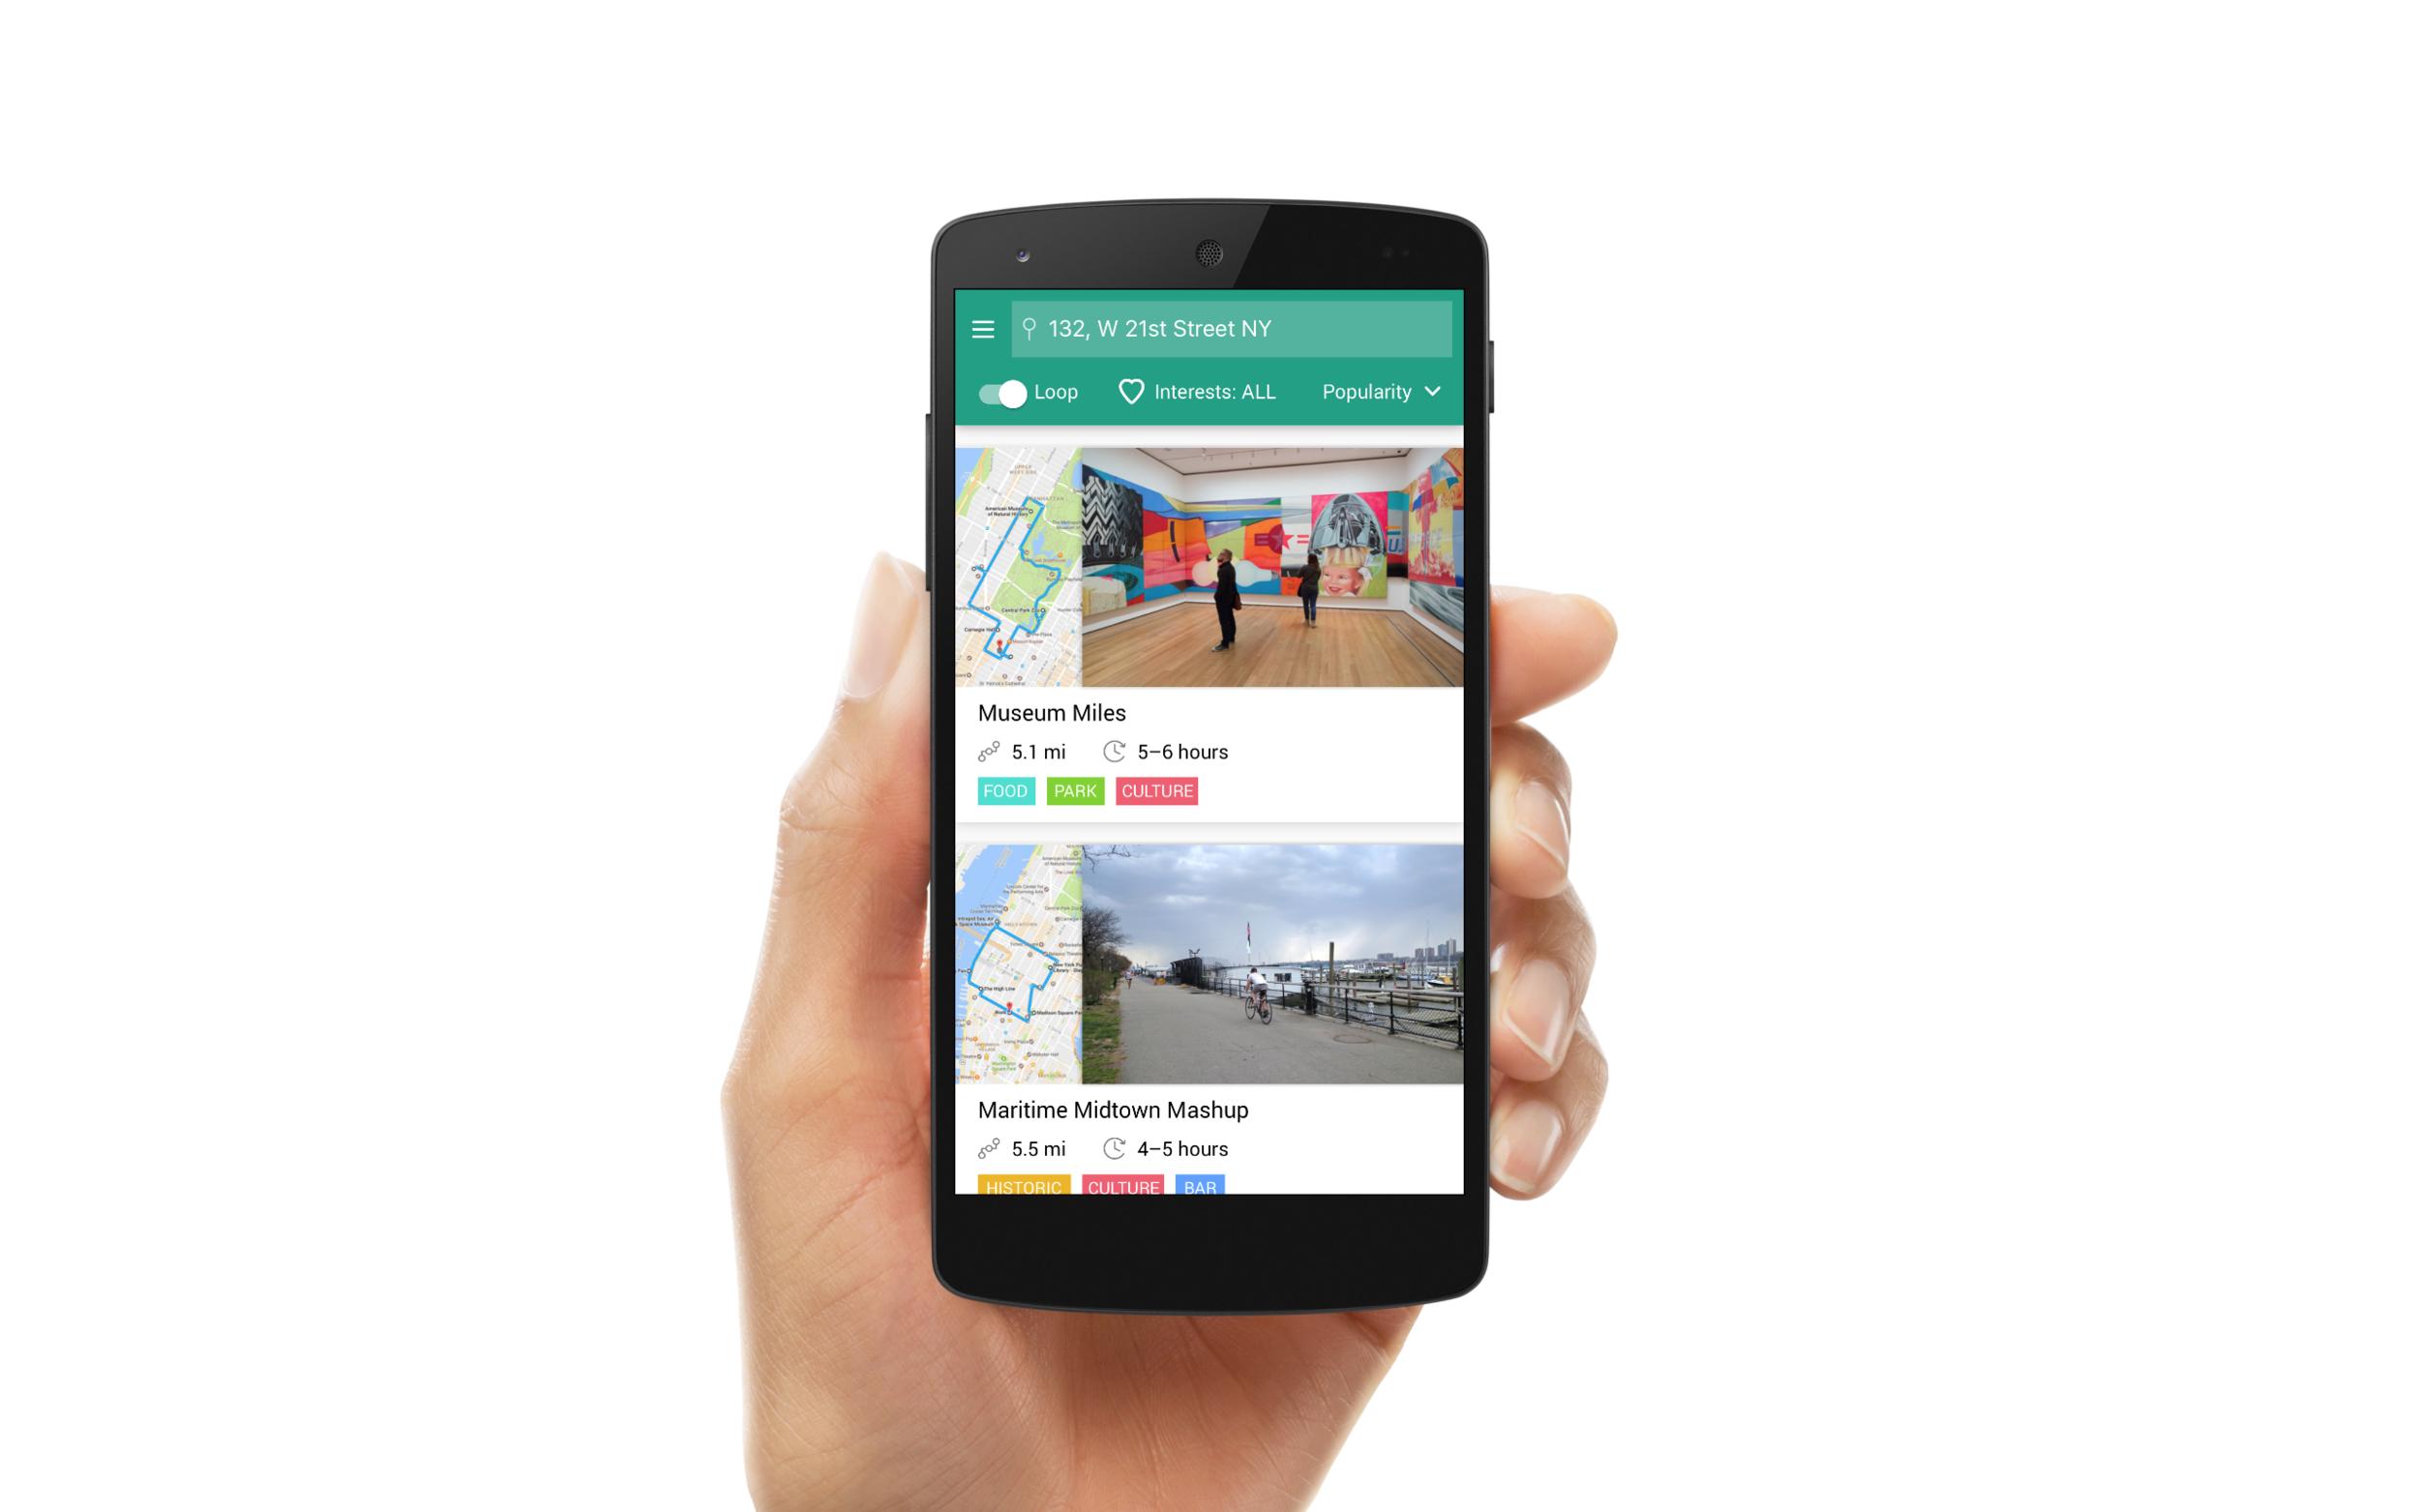 Biketinerary - Using bikeshare networks to explore new cities